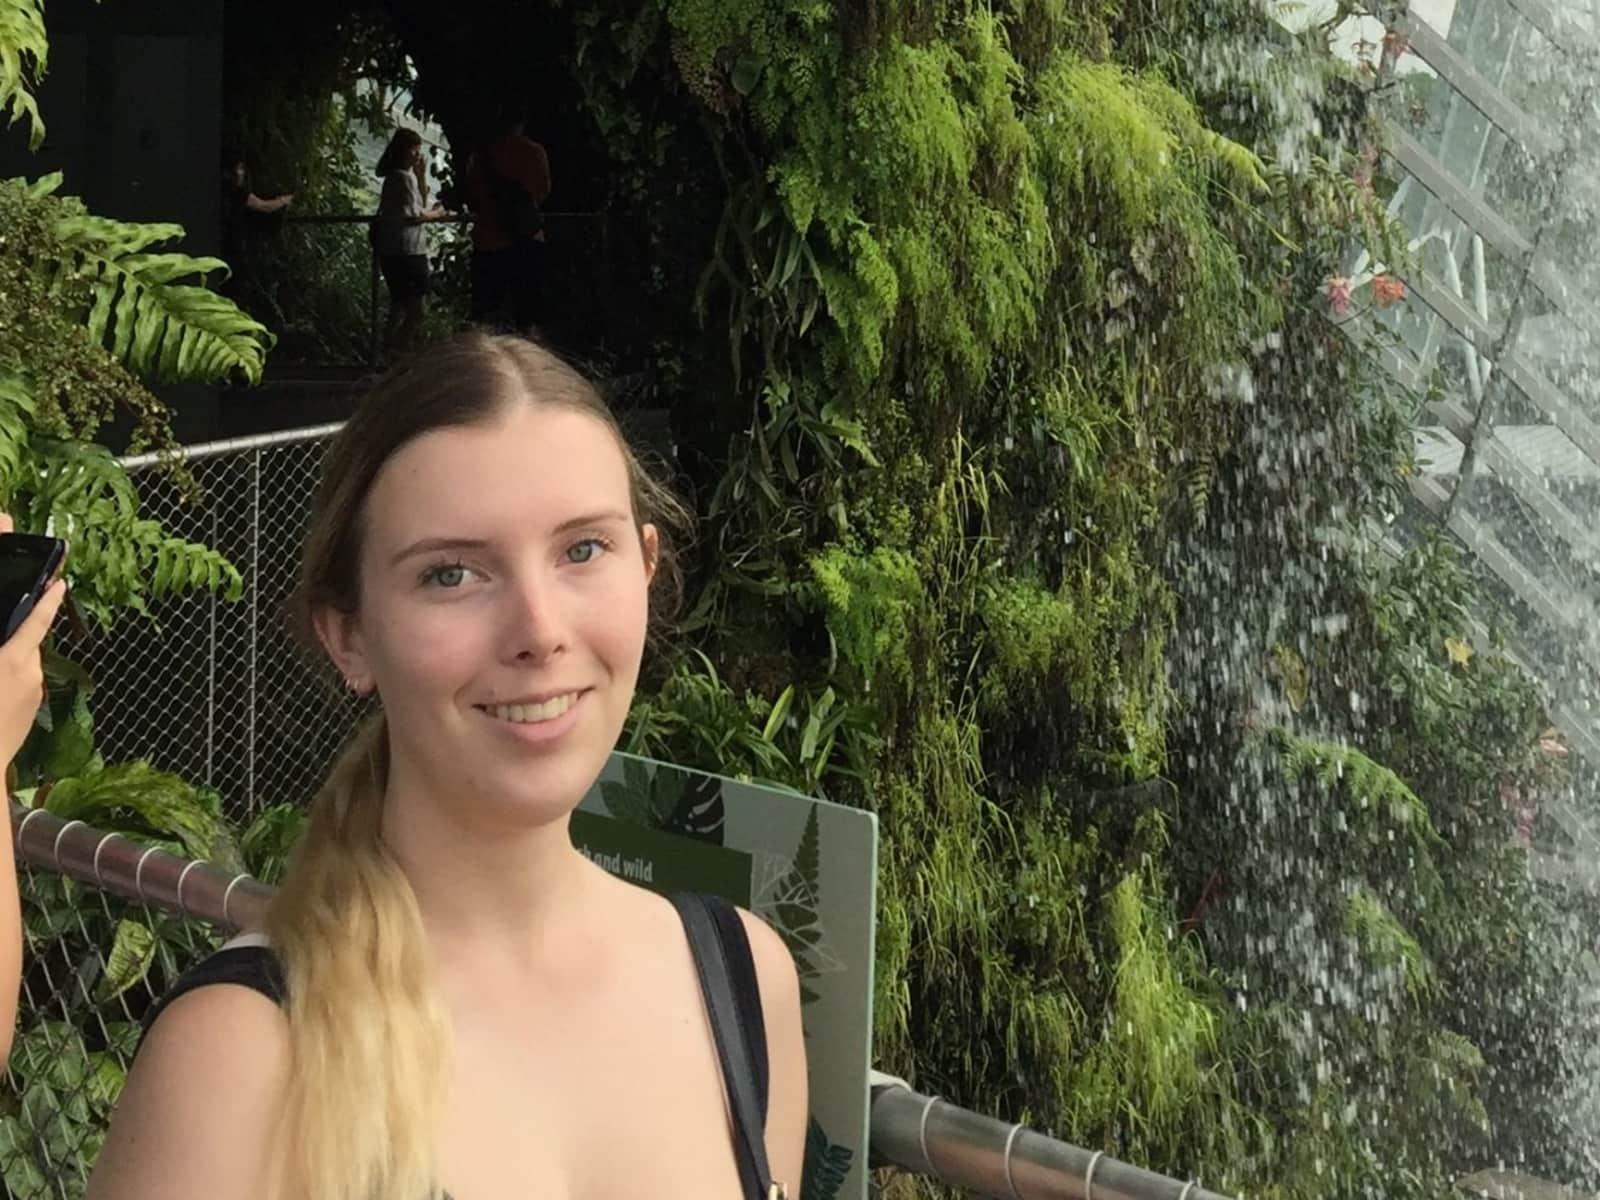 Alicia from Perth, Western Australia, Australia